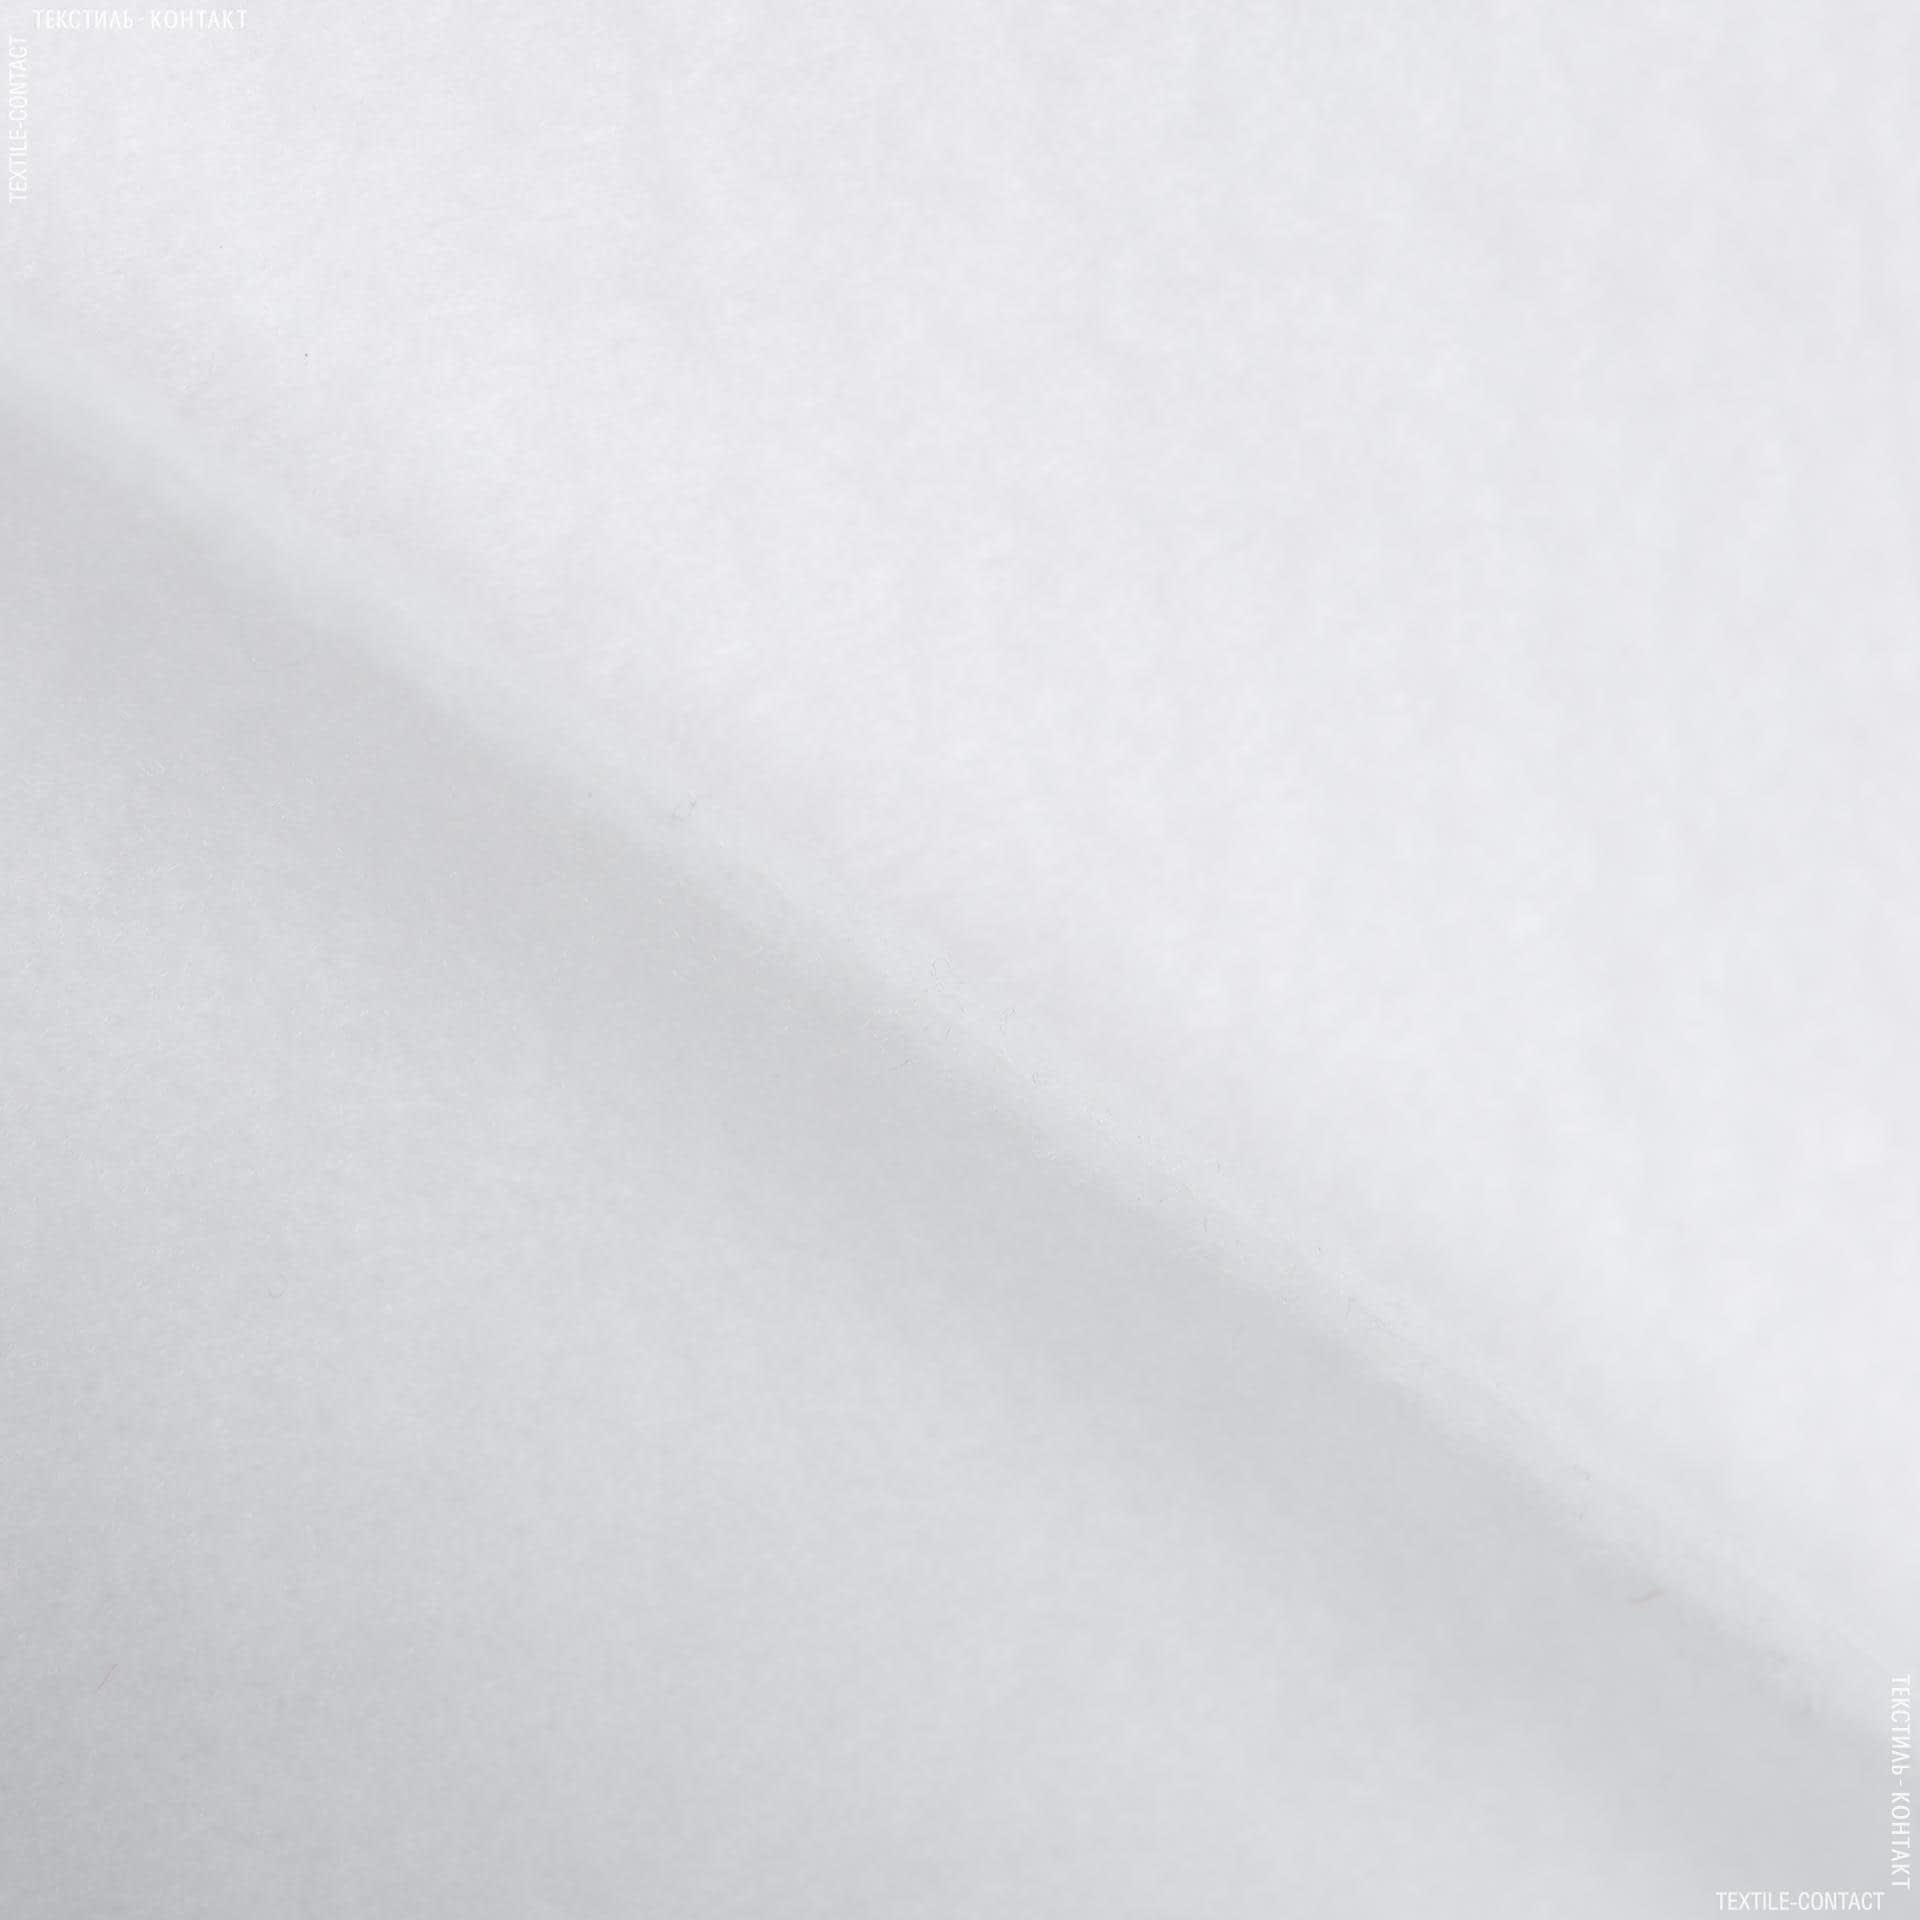 Ткани нетканое полотно - Утеплитель Slimtex 80г/м белый